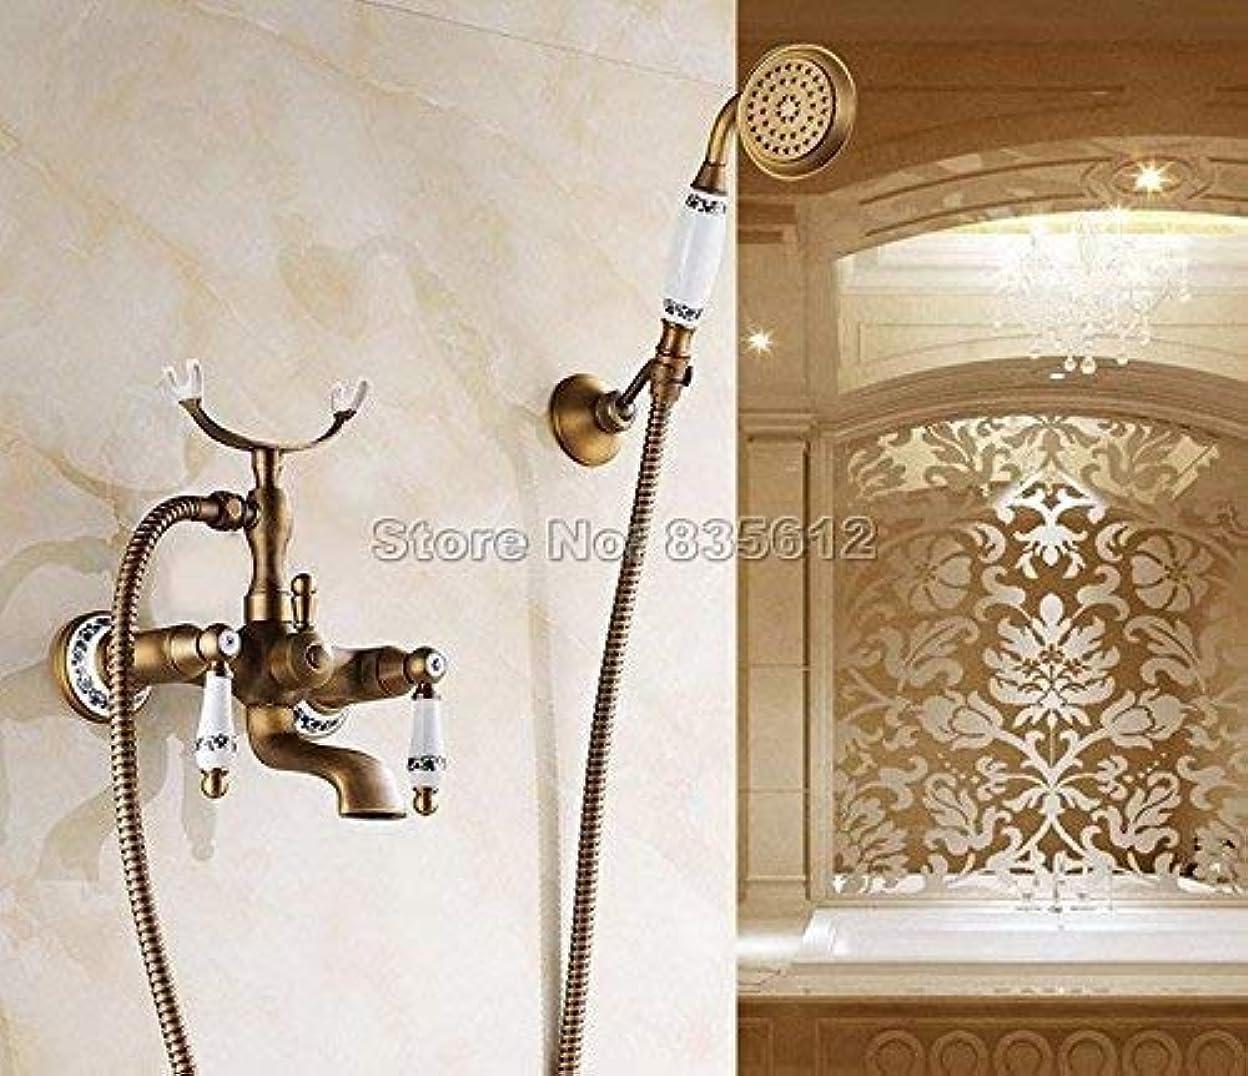 コロニー解任リビジョンシャワーシステム、蛇口デュアルホルダーデュアルコントロール浴槽ミキサータップハンドヘルドシャワーヘッドアンティーク真鍮の壁に取り付けられた浴室の蛇口Wtf308、黄色の家の使用